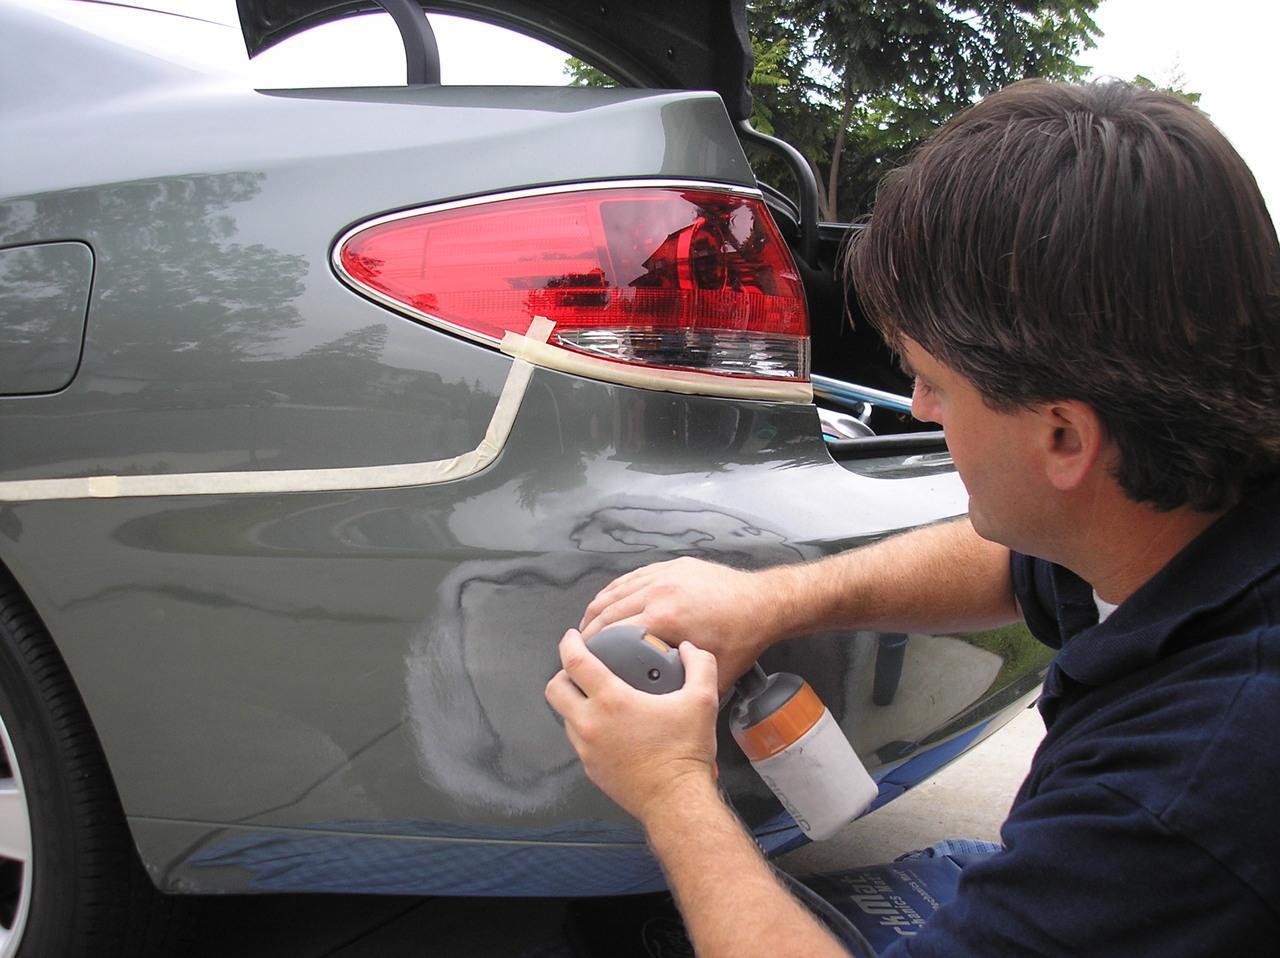 diy auto repair bumper repair